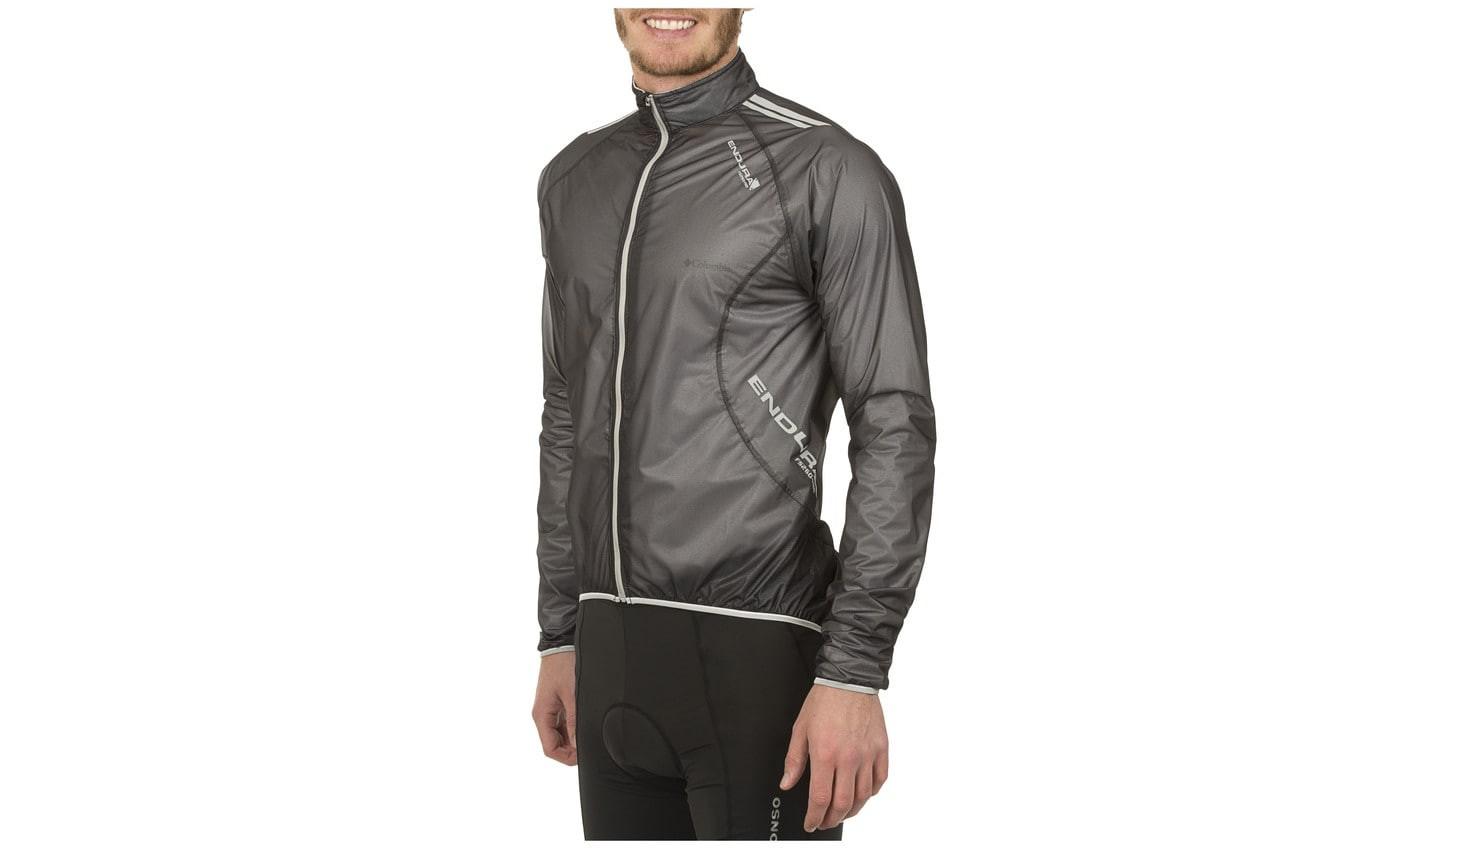 Велокуртка ENDURA FS260-Pro adrenaline race cape jacket (размер XL/XXL) - 1